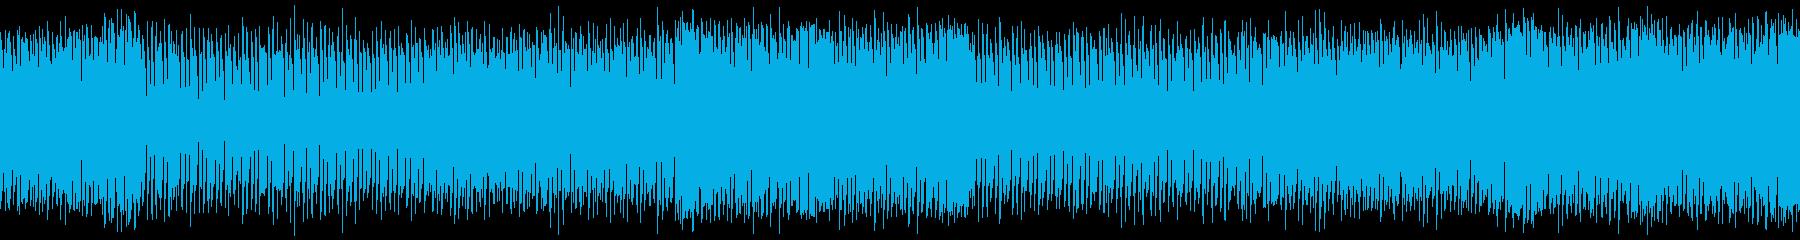 低音のビートが効いたテクノトラックの再生済みの波形